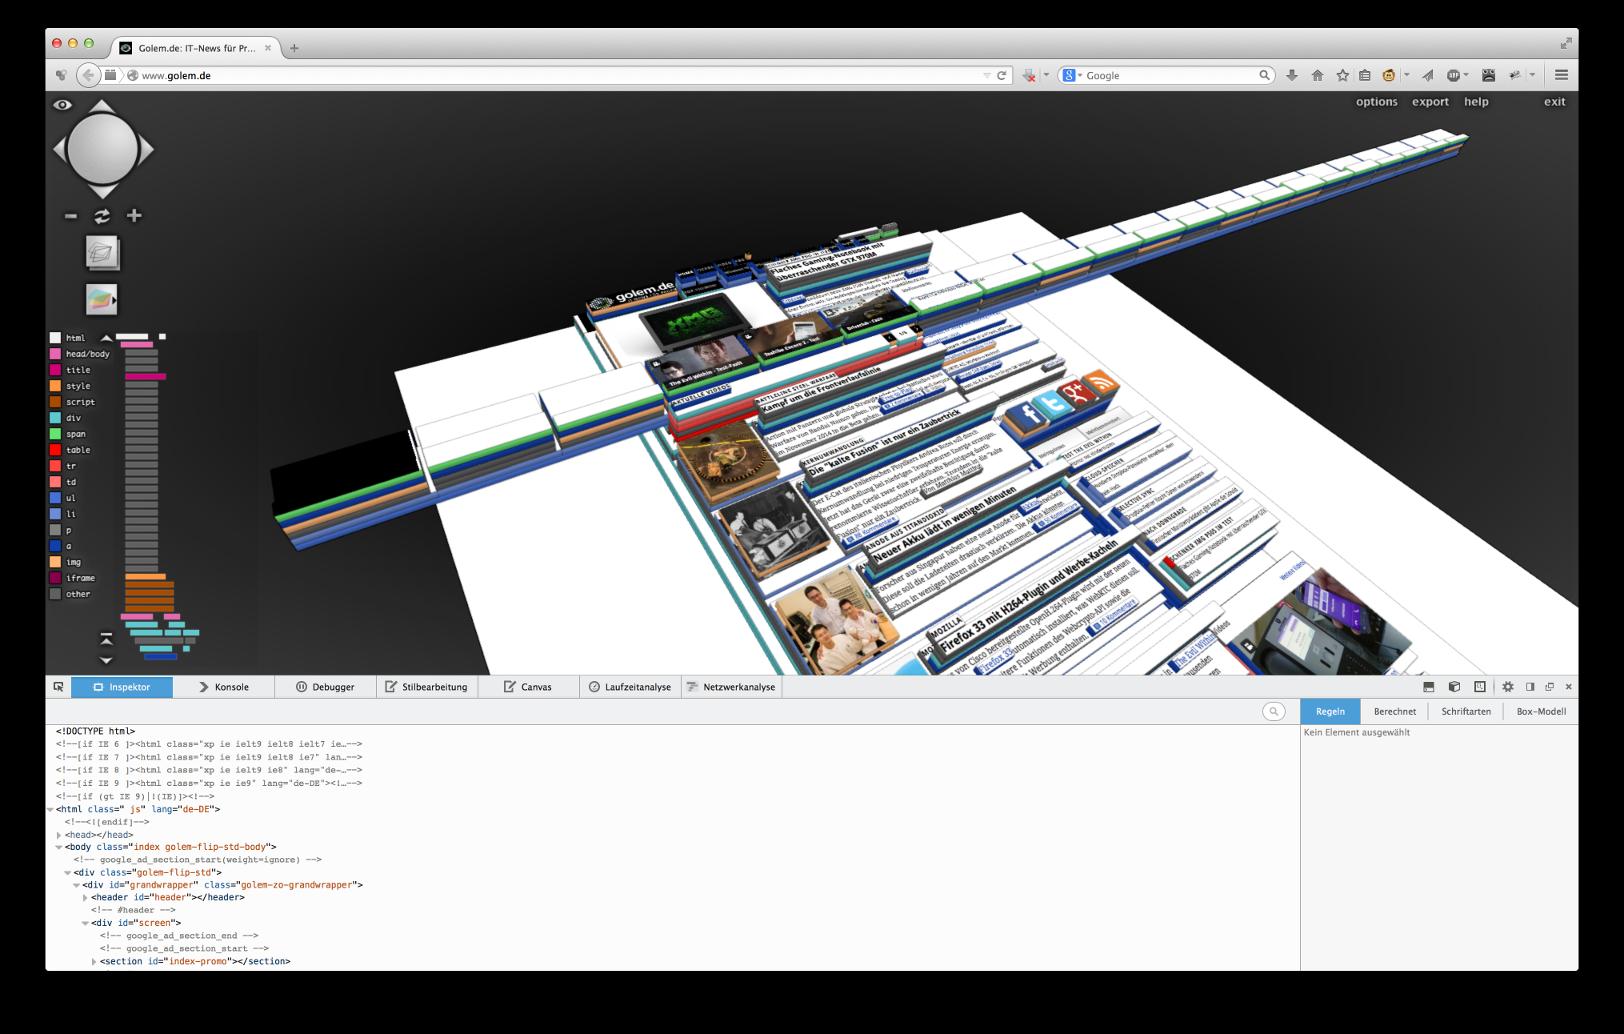 3D-Druck ausprobiert: Internetausdrucker 4.0 - Das Benutzerinterface des Tilt-3D-Addons ist deutlich umfangreicher. (Bild: Alexander Merz/Golem.de)